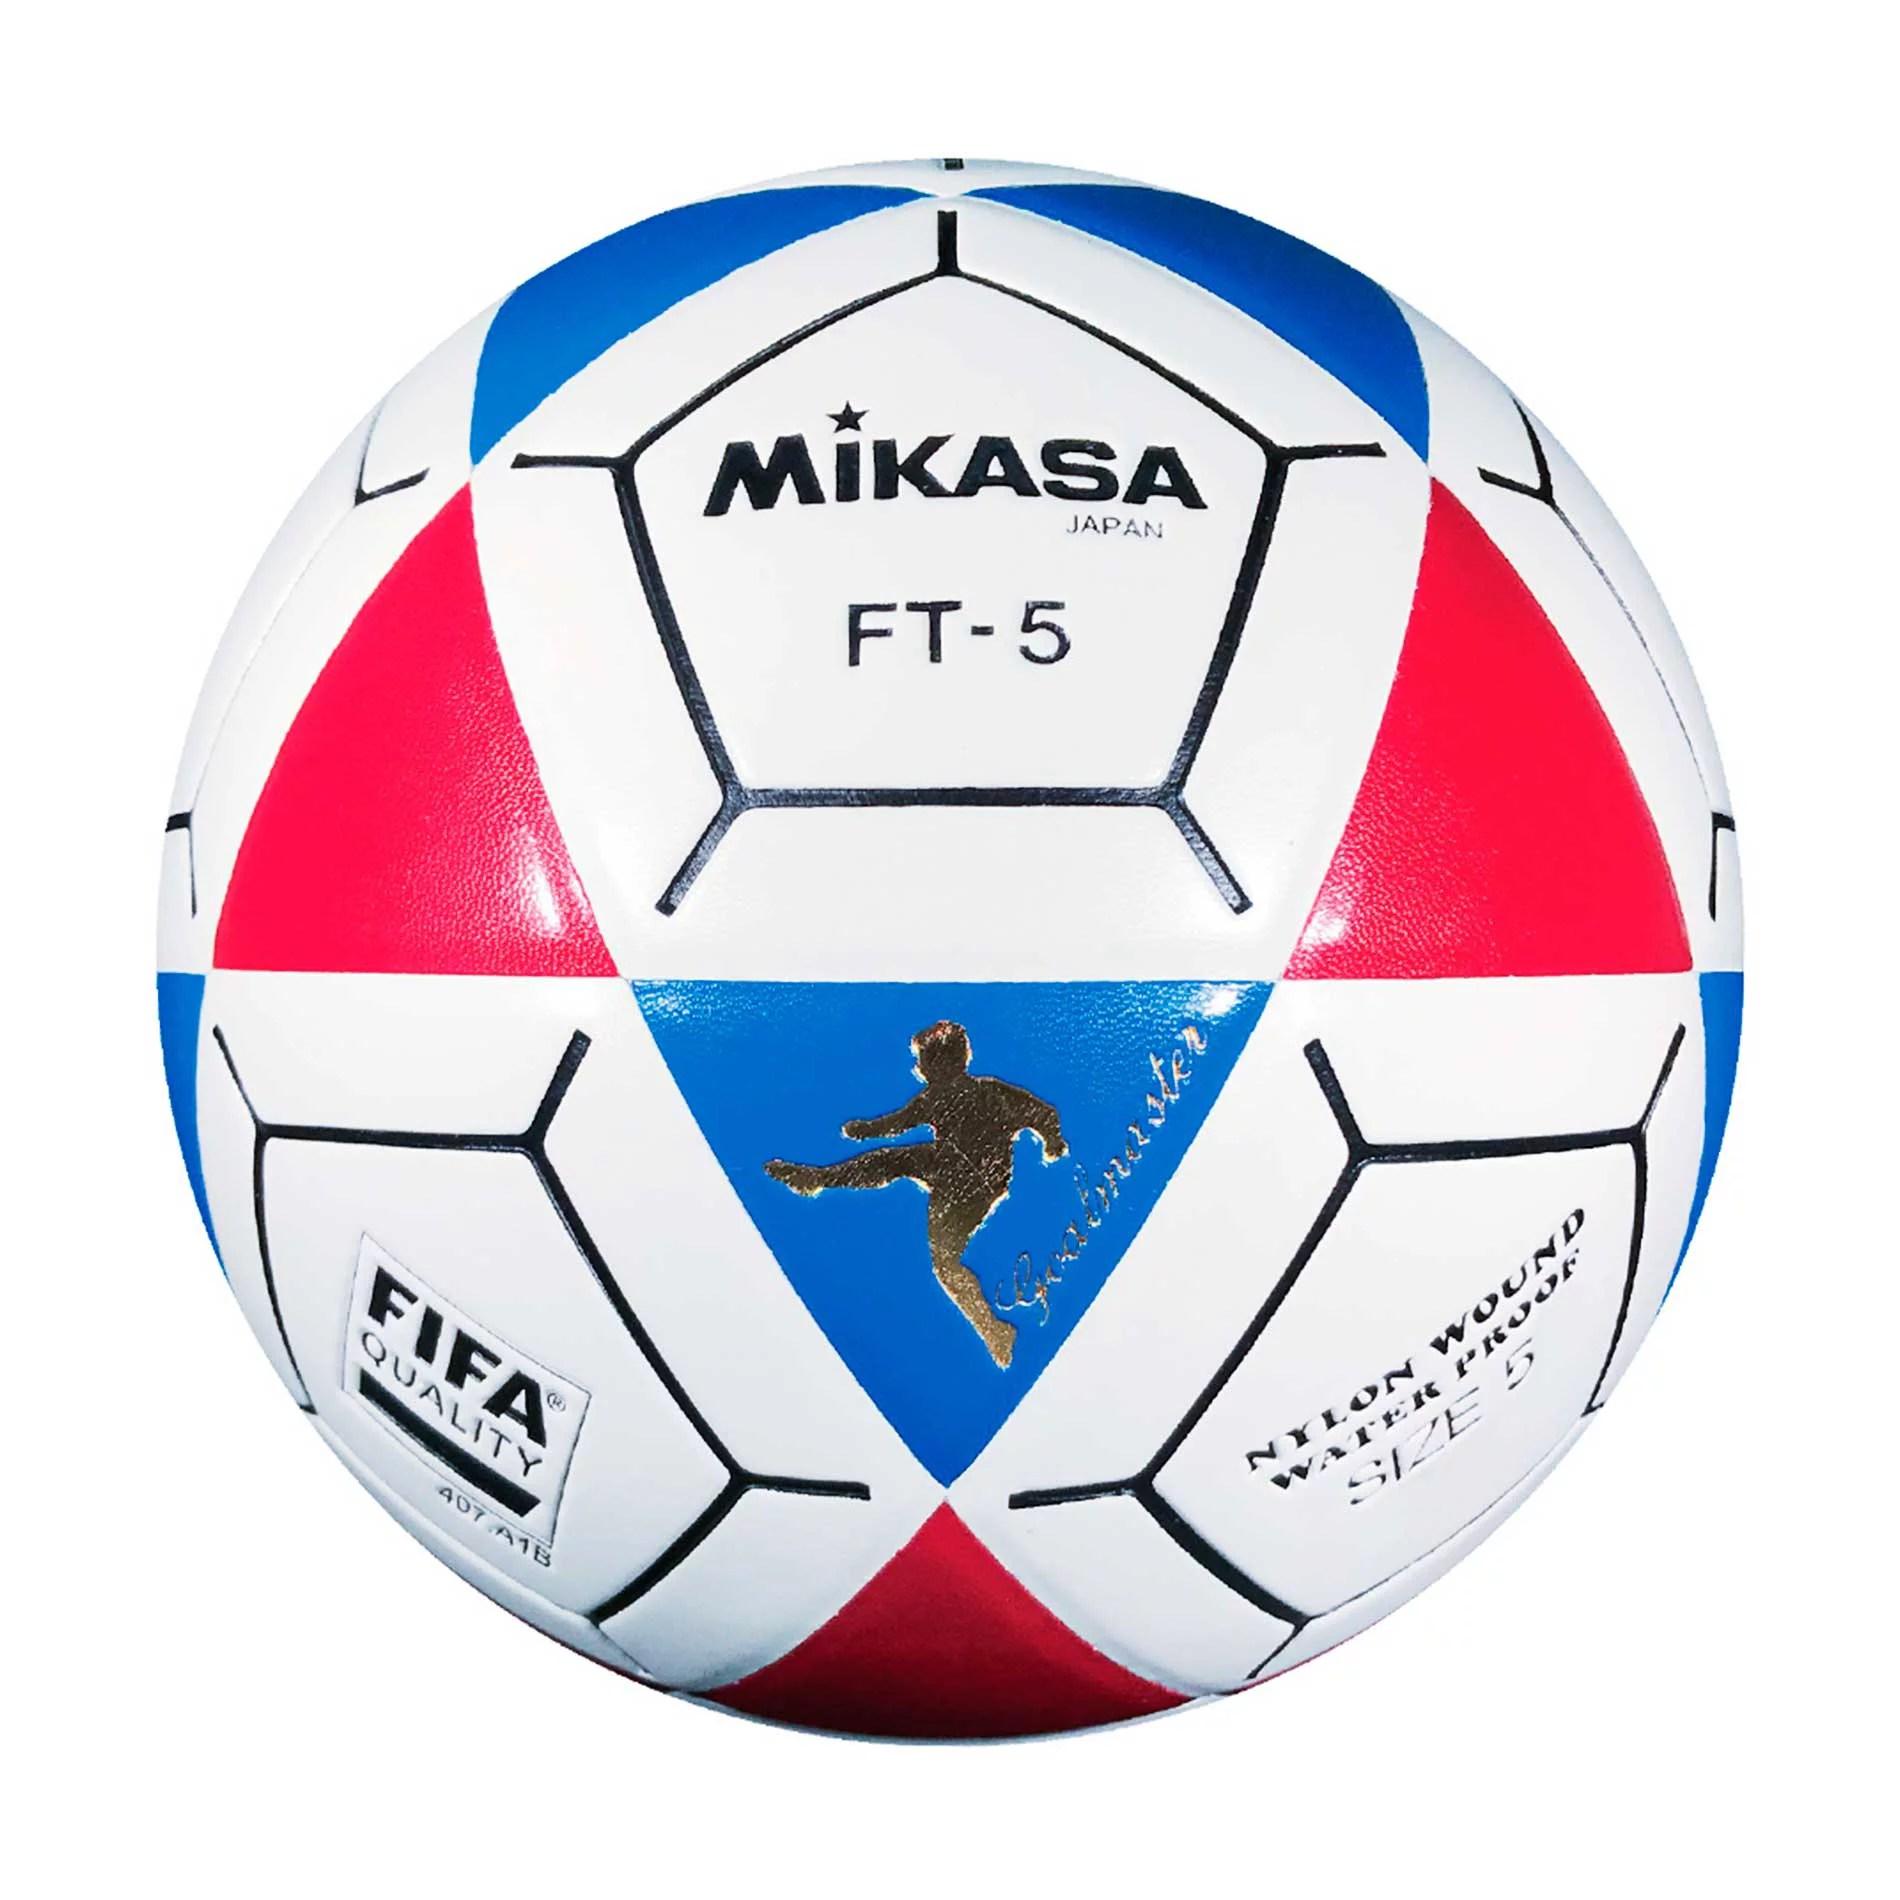 Mikasa Ft5 Goal Master Soccer Ball White Blue Red Size 5